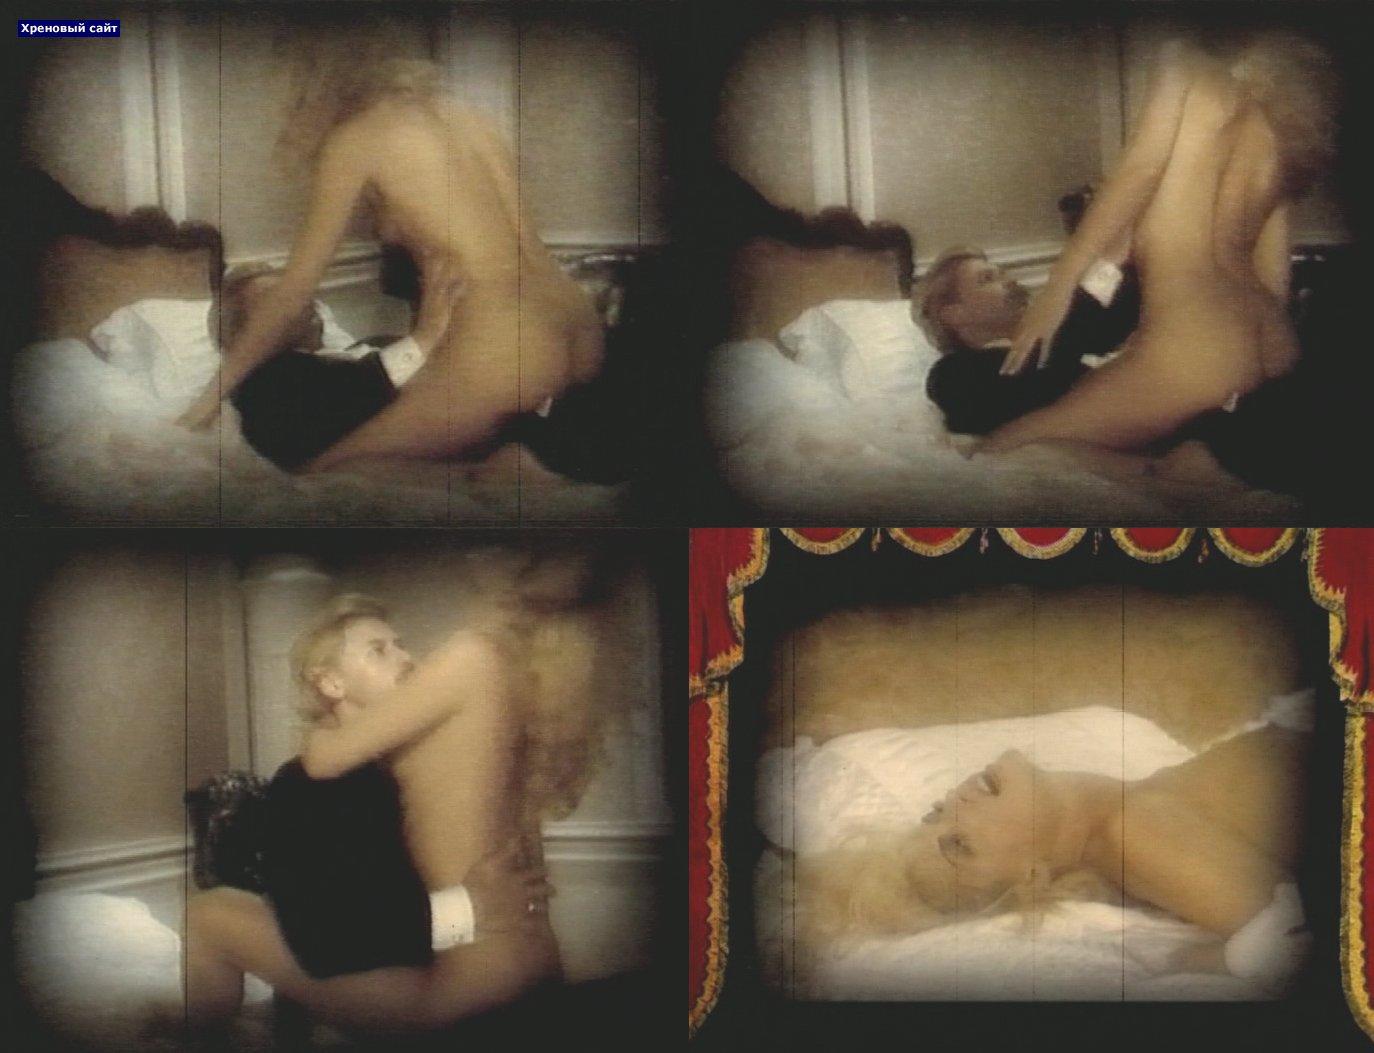 Смотреть онлайн порно фото ольги филипповой, Ольга филиппова эротические фото - Секс видео 22 фотография